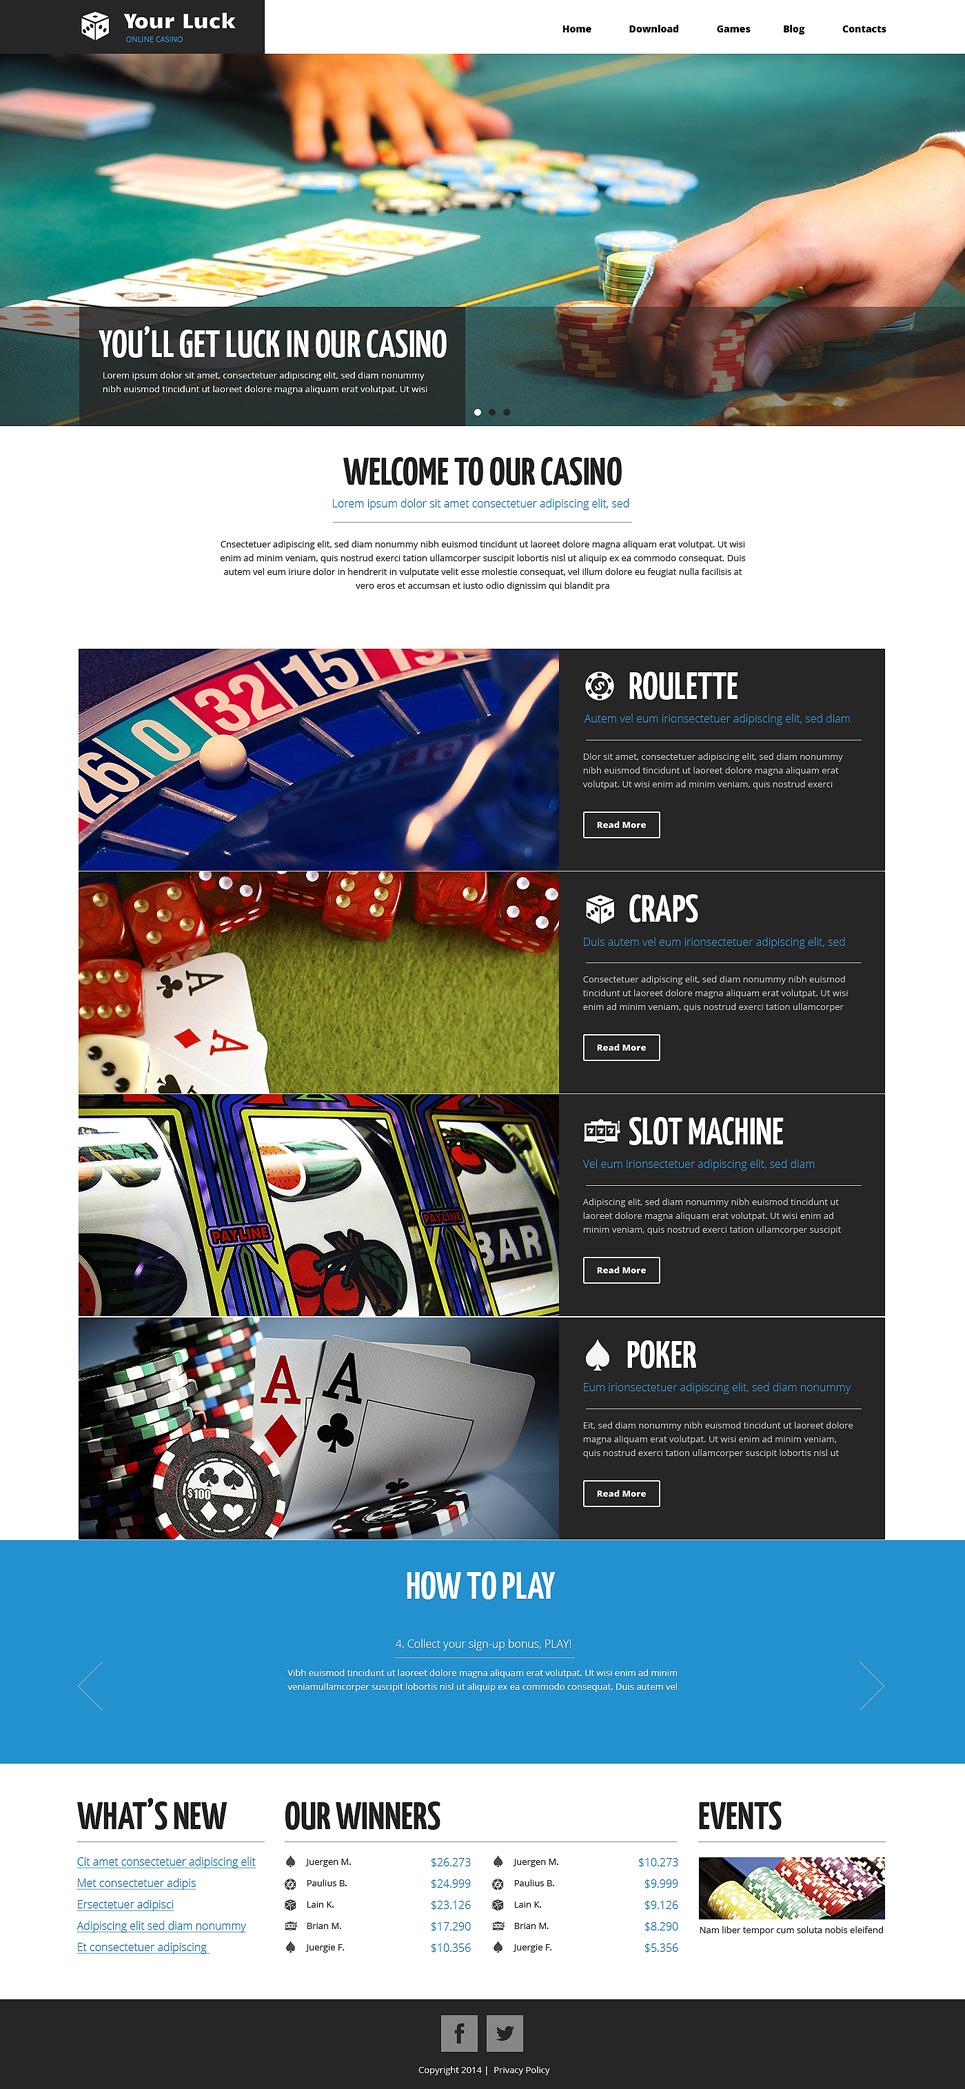 Шаблон для друпал казино получить бездепозитный бонус в казино rio bet